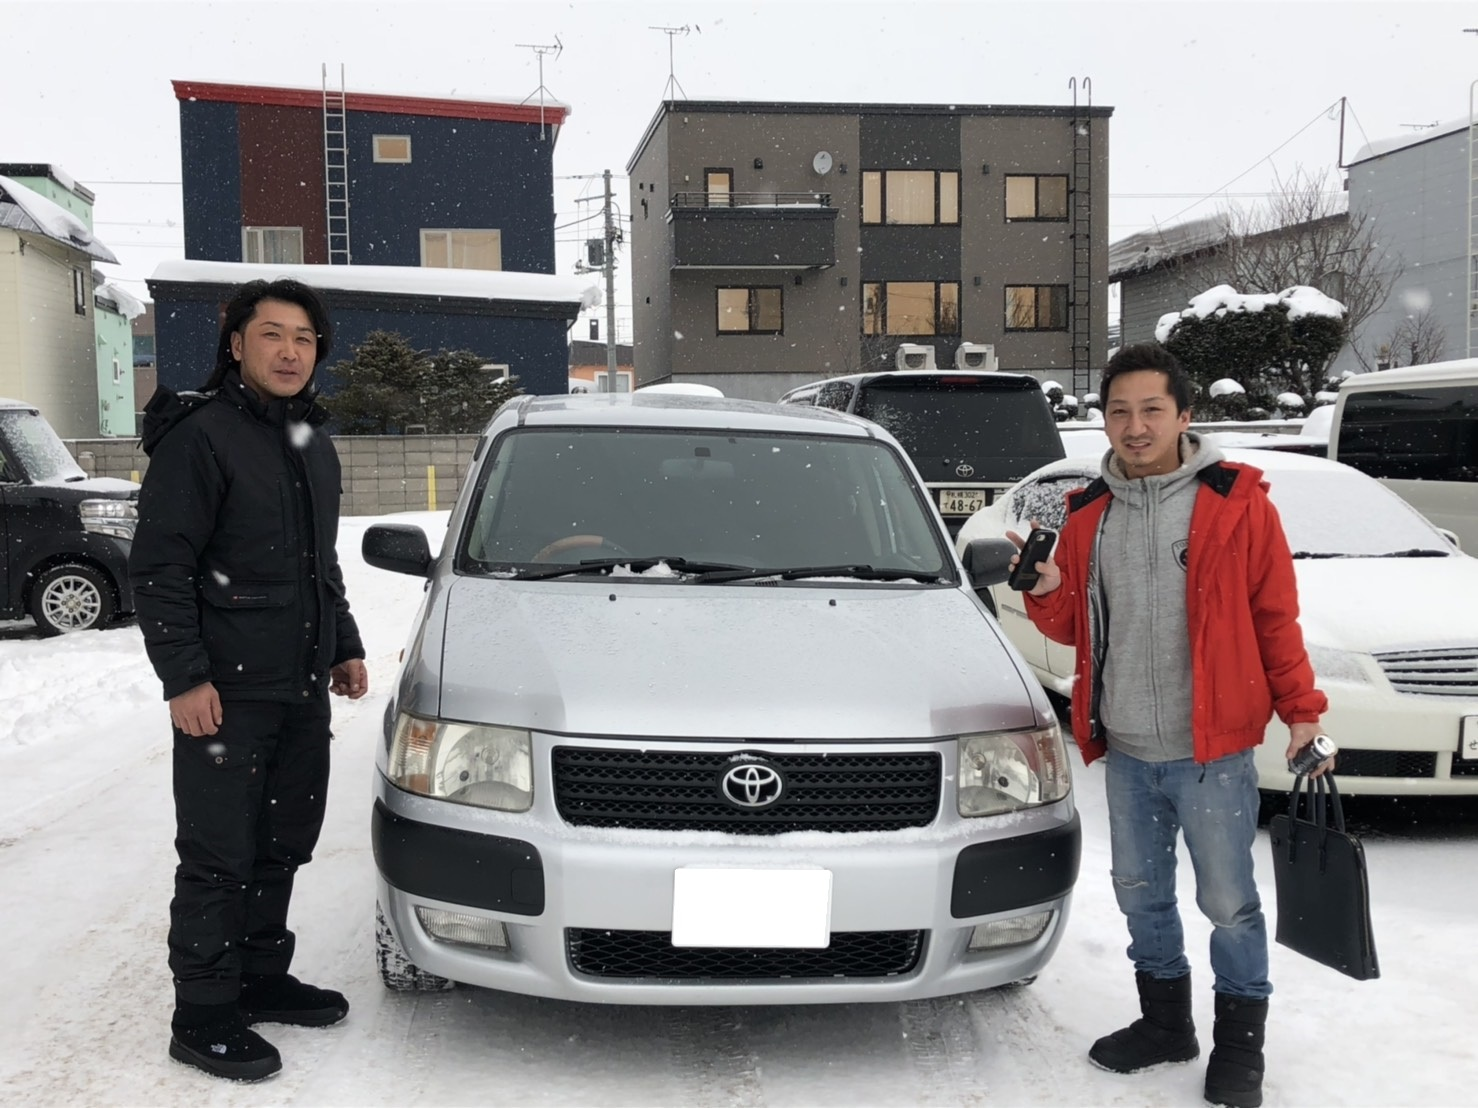 2月16日(土)☆ハイエースあります✊サクシードA様納車♡ ランクル レクサス ハマー TOMMY♡_b0127002_18460684.jpg